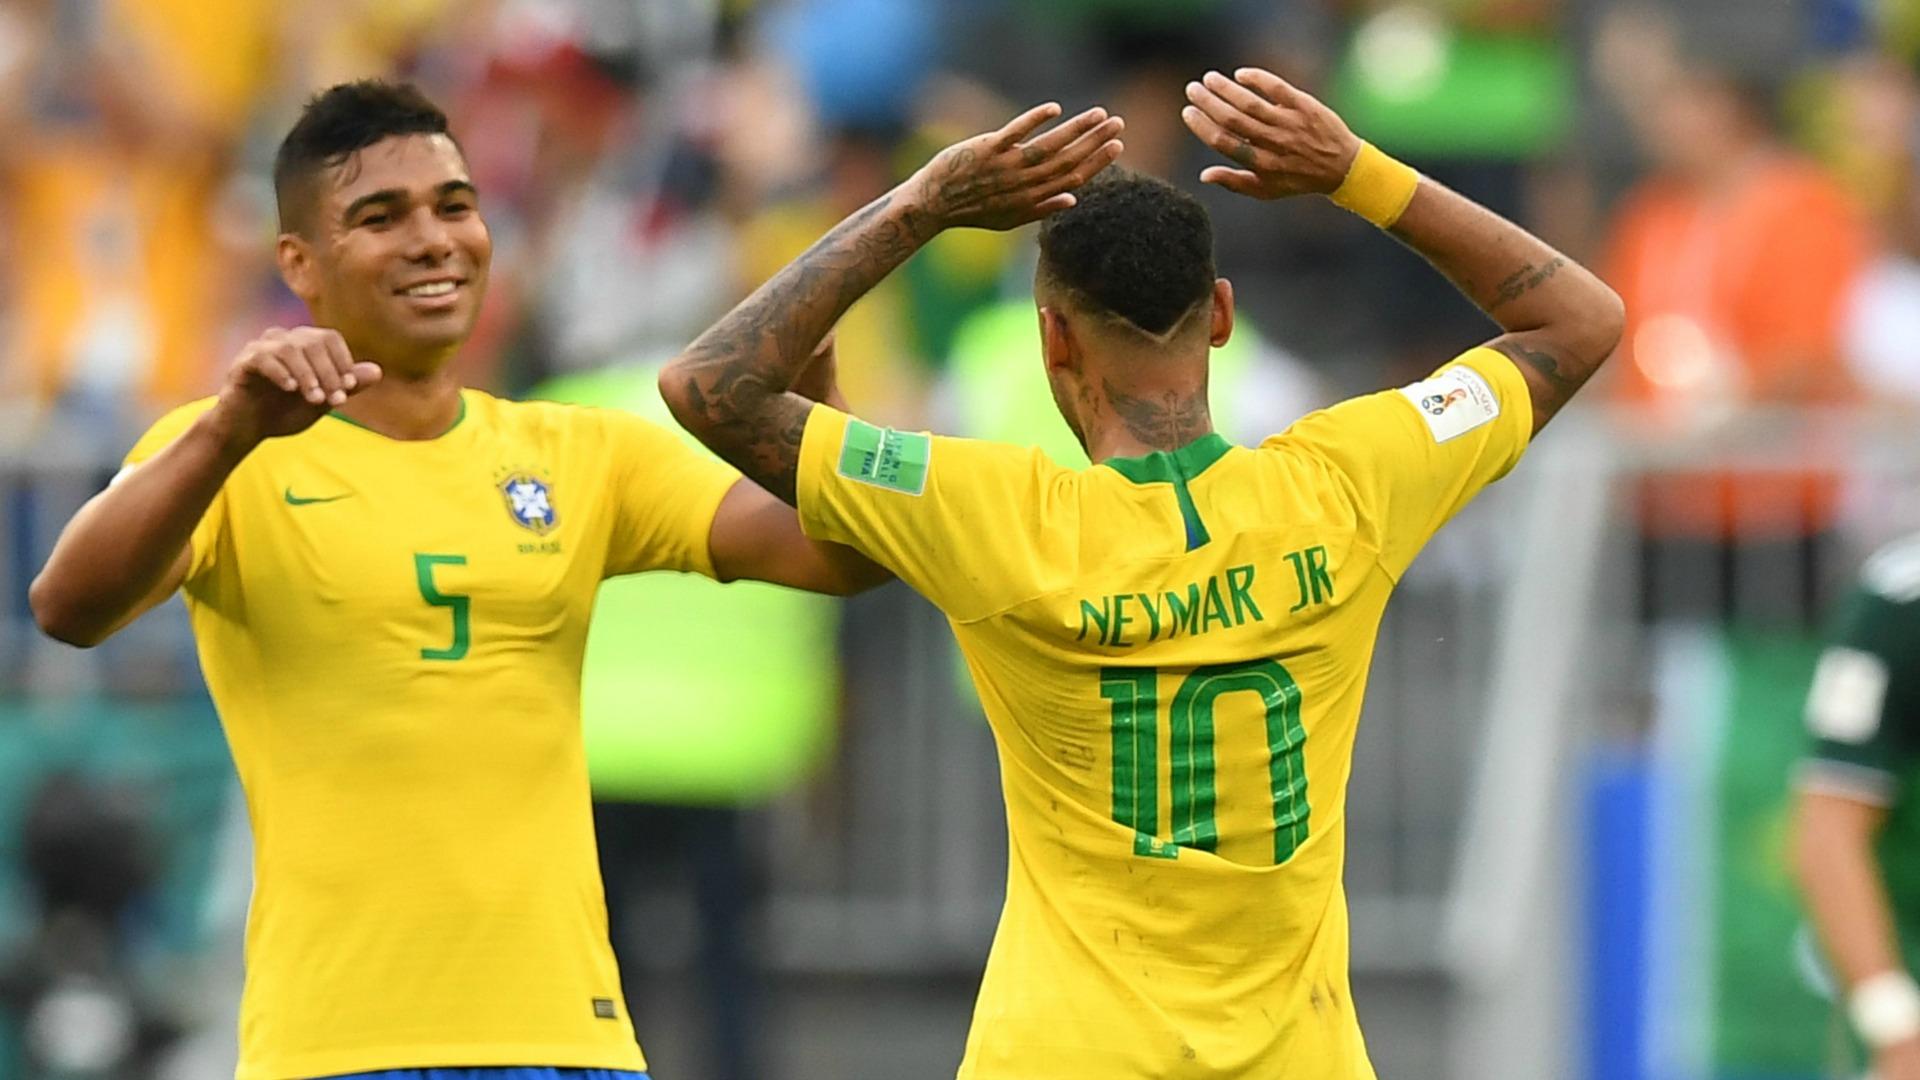 Casemiro, Neymar